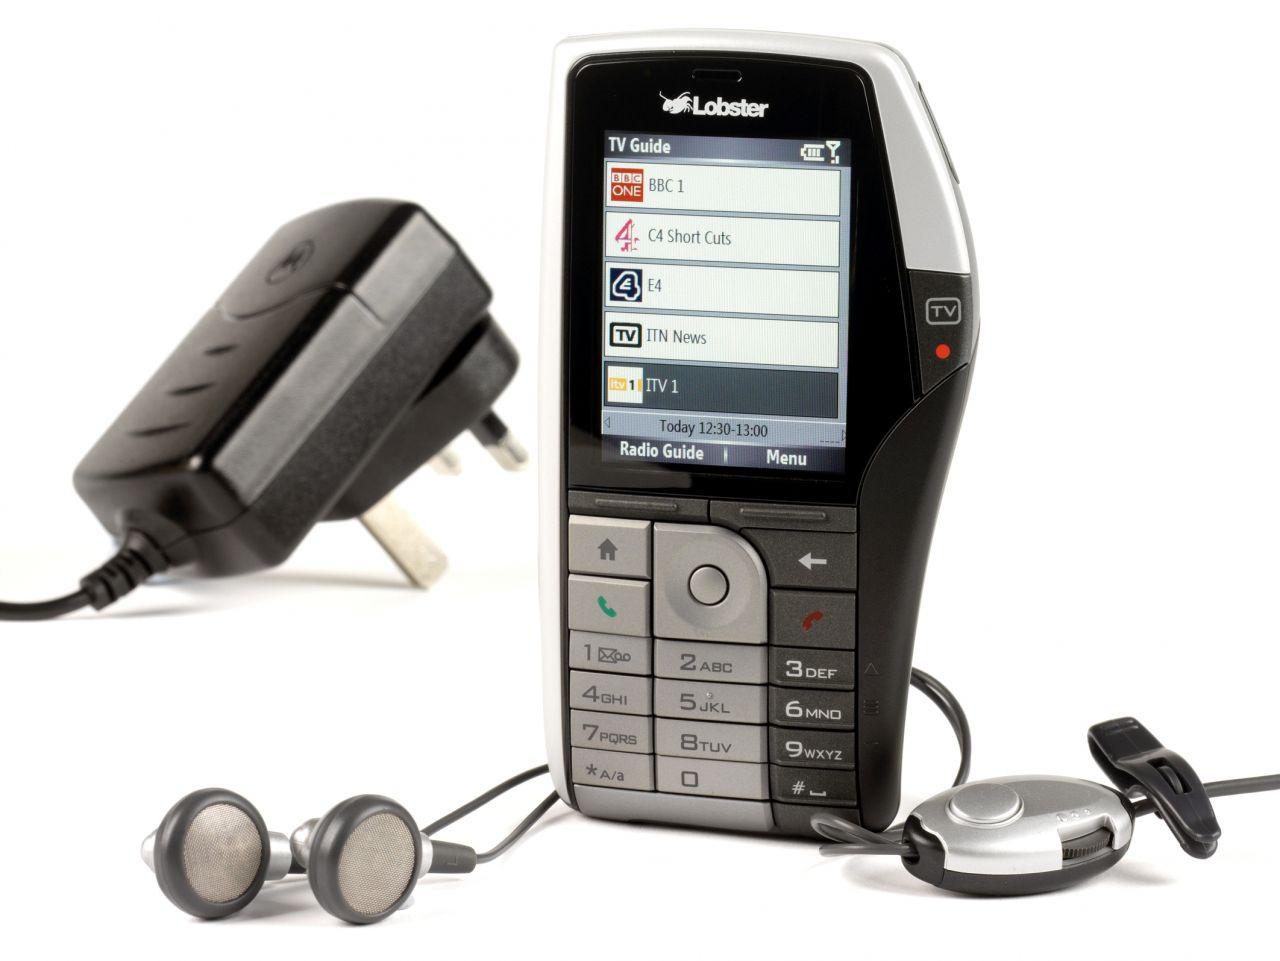 Gelmiş geçmiş en çirkin tasarıma sahip telefonlar - Page 2